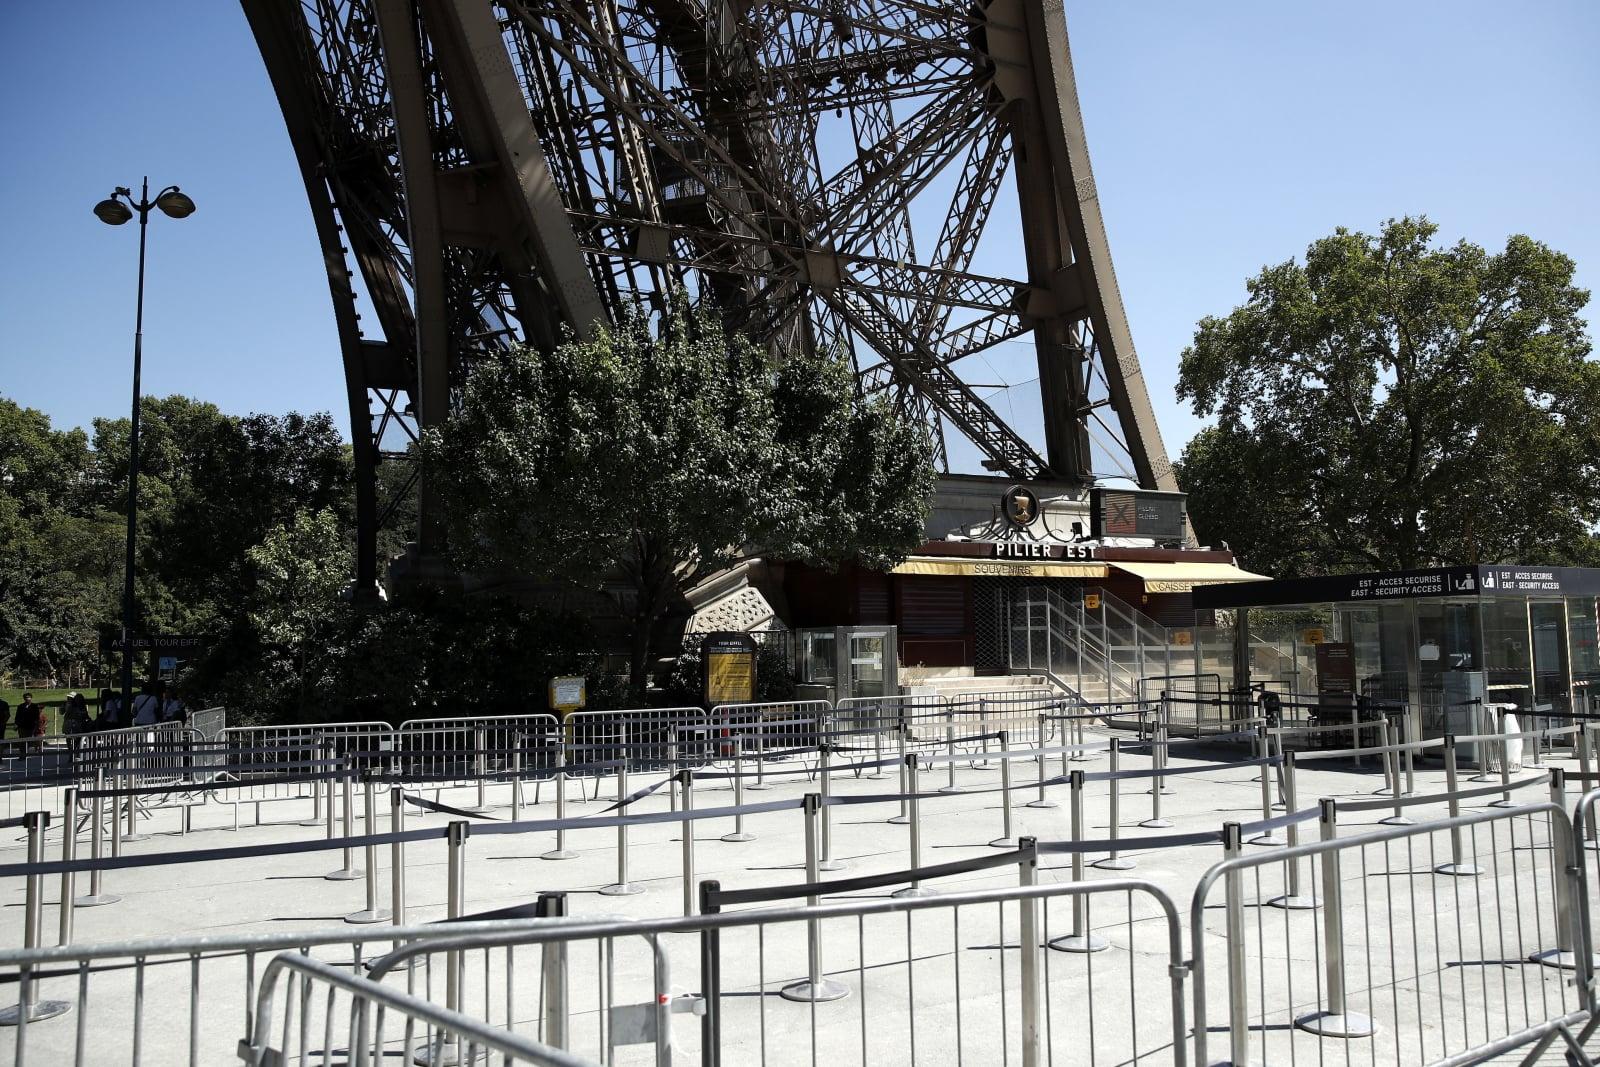 Nieczynne wejście do Wieży Eiffla w Paryżu, które jest skutkiem strajku prawocników wieży Eiffla, fot. EPA/YOAN VALAT